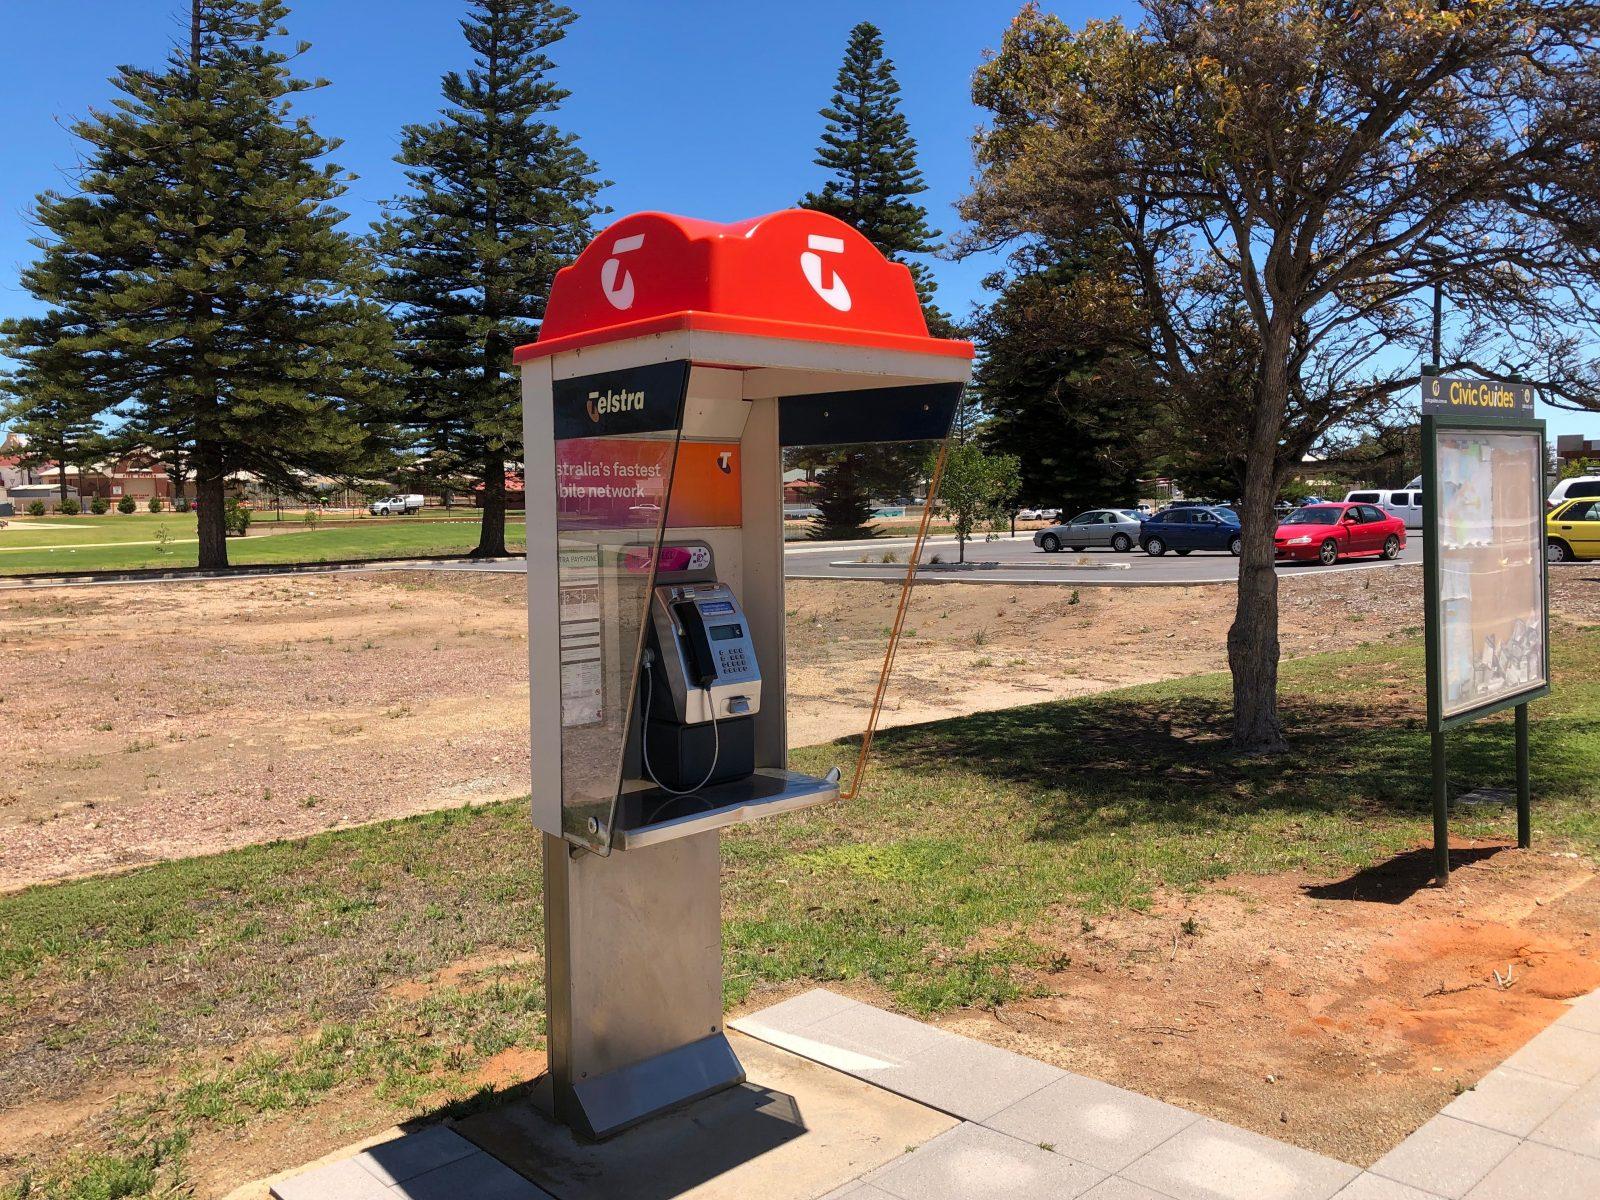 Public Pay Phone, Wallaroo